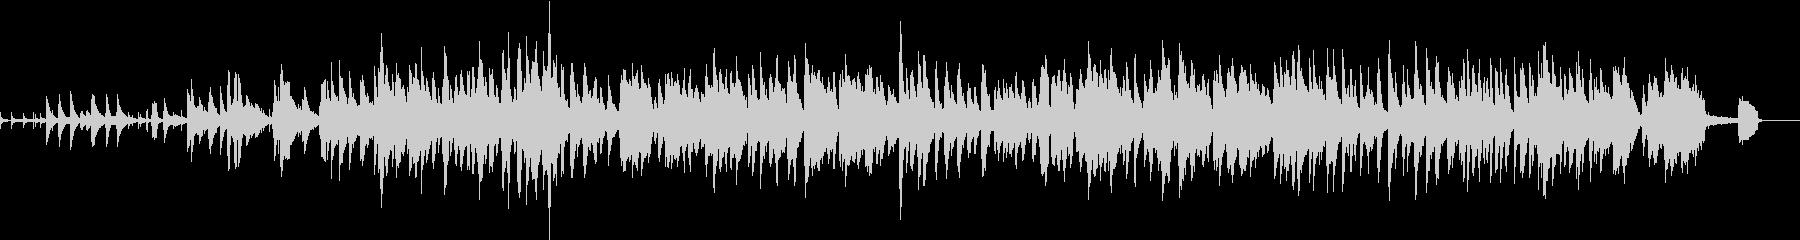 ピアノ ペットのJazzの未再生の波形